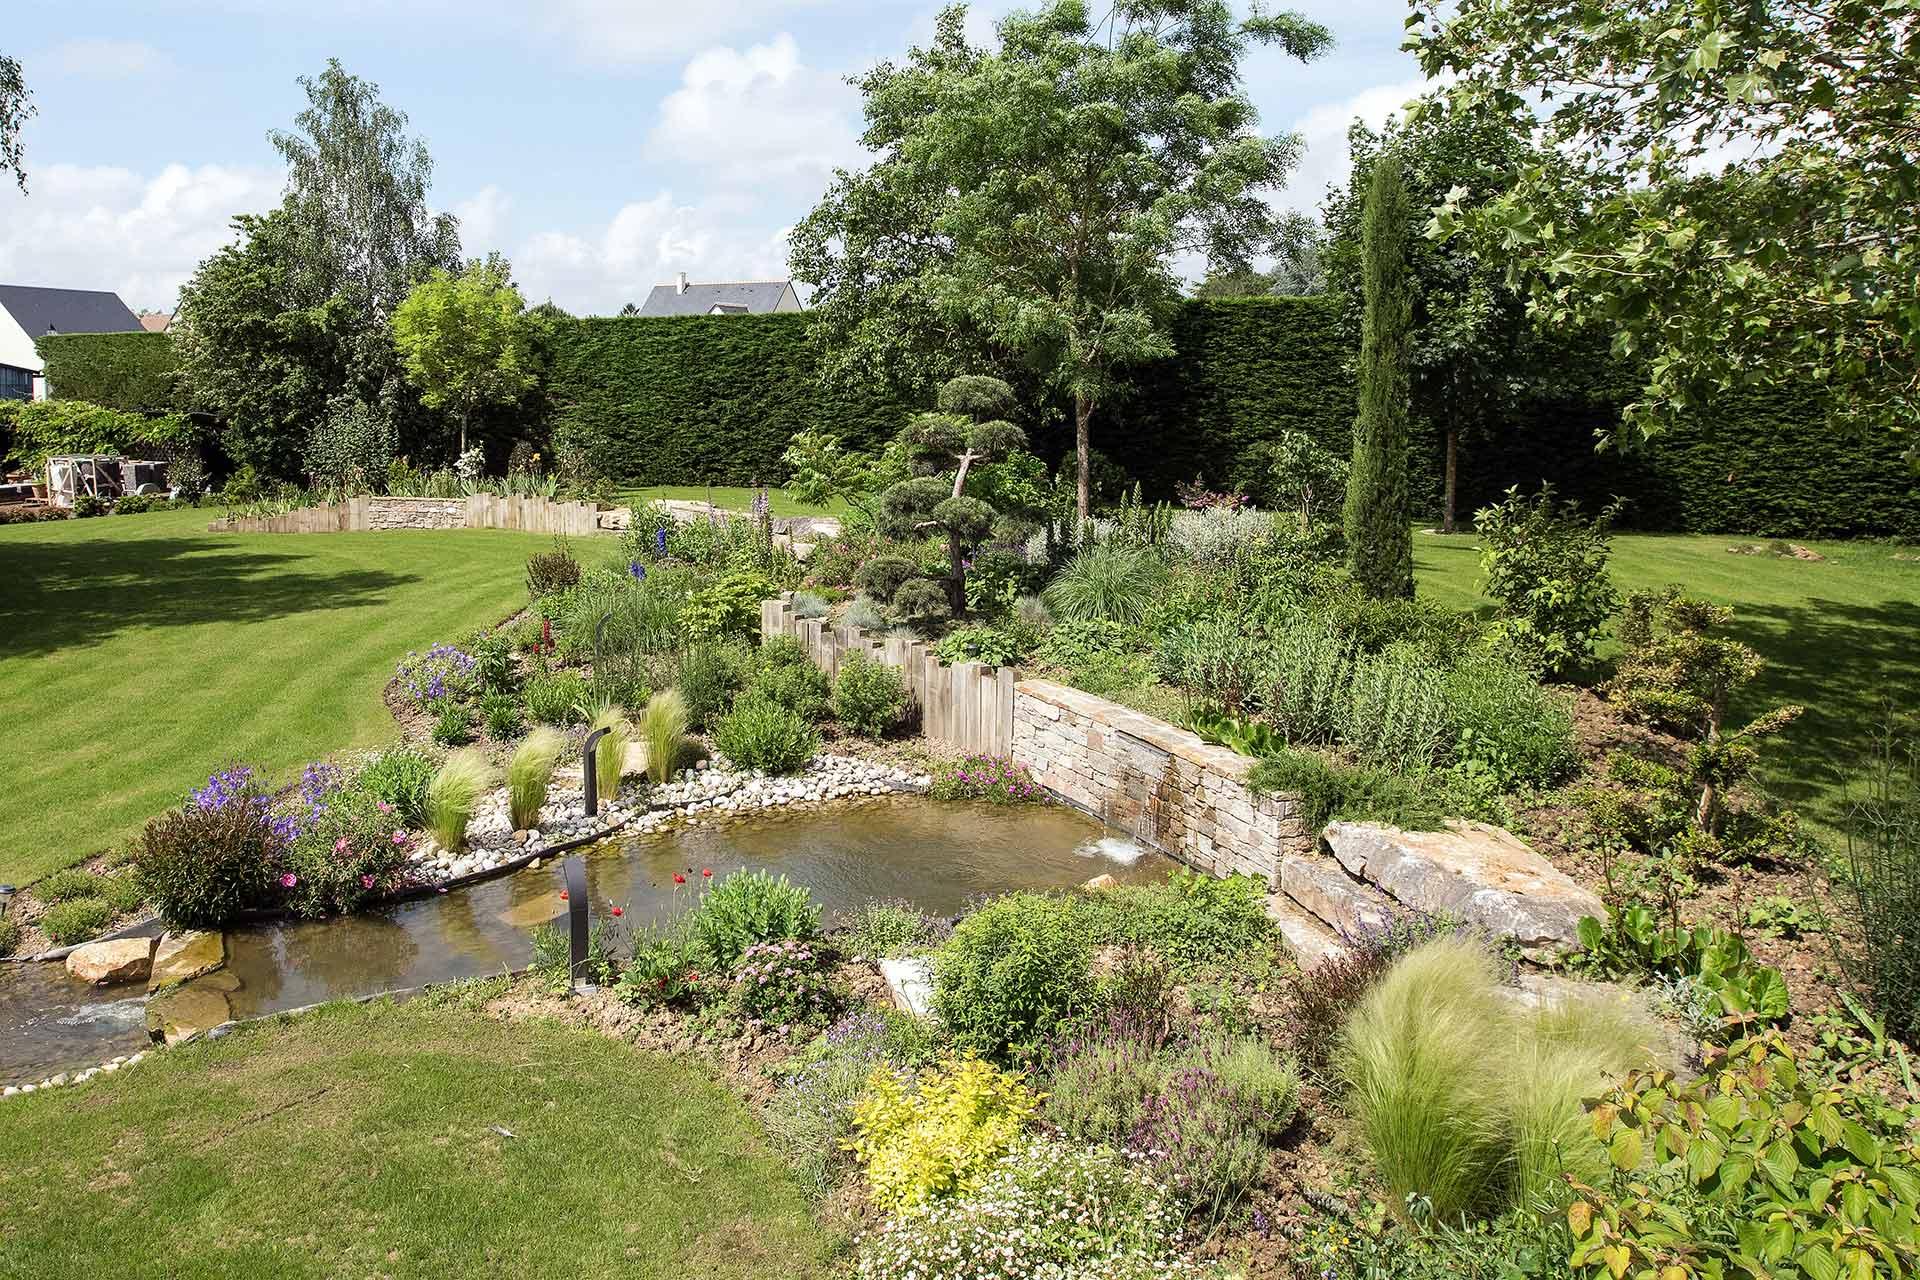 Jardinier paysagiste en Indre-et-loire dans le 37, Serrault Jardins conçoit des jardins sur mesure.